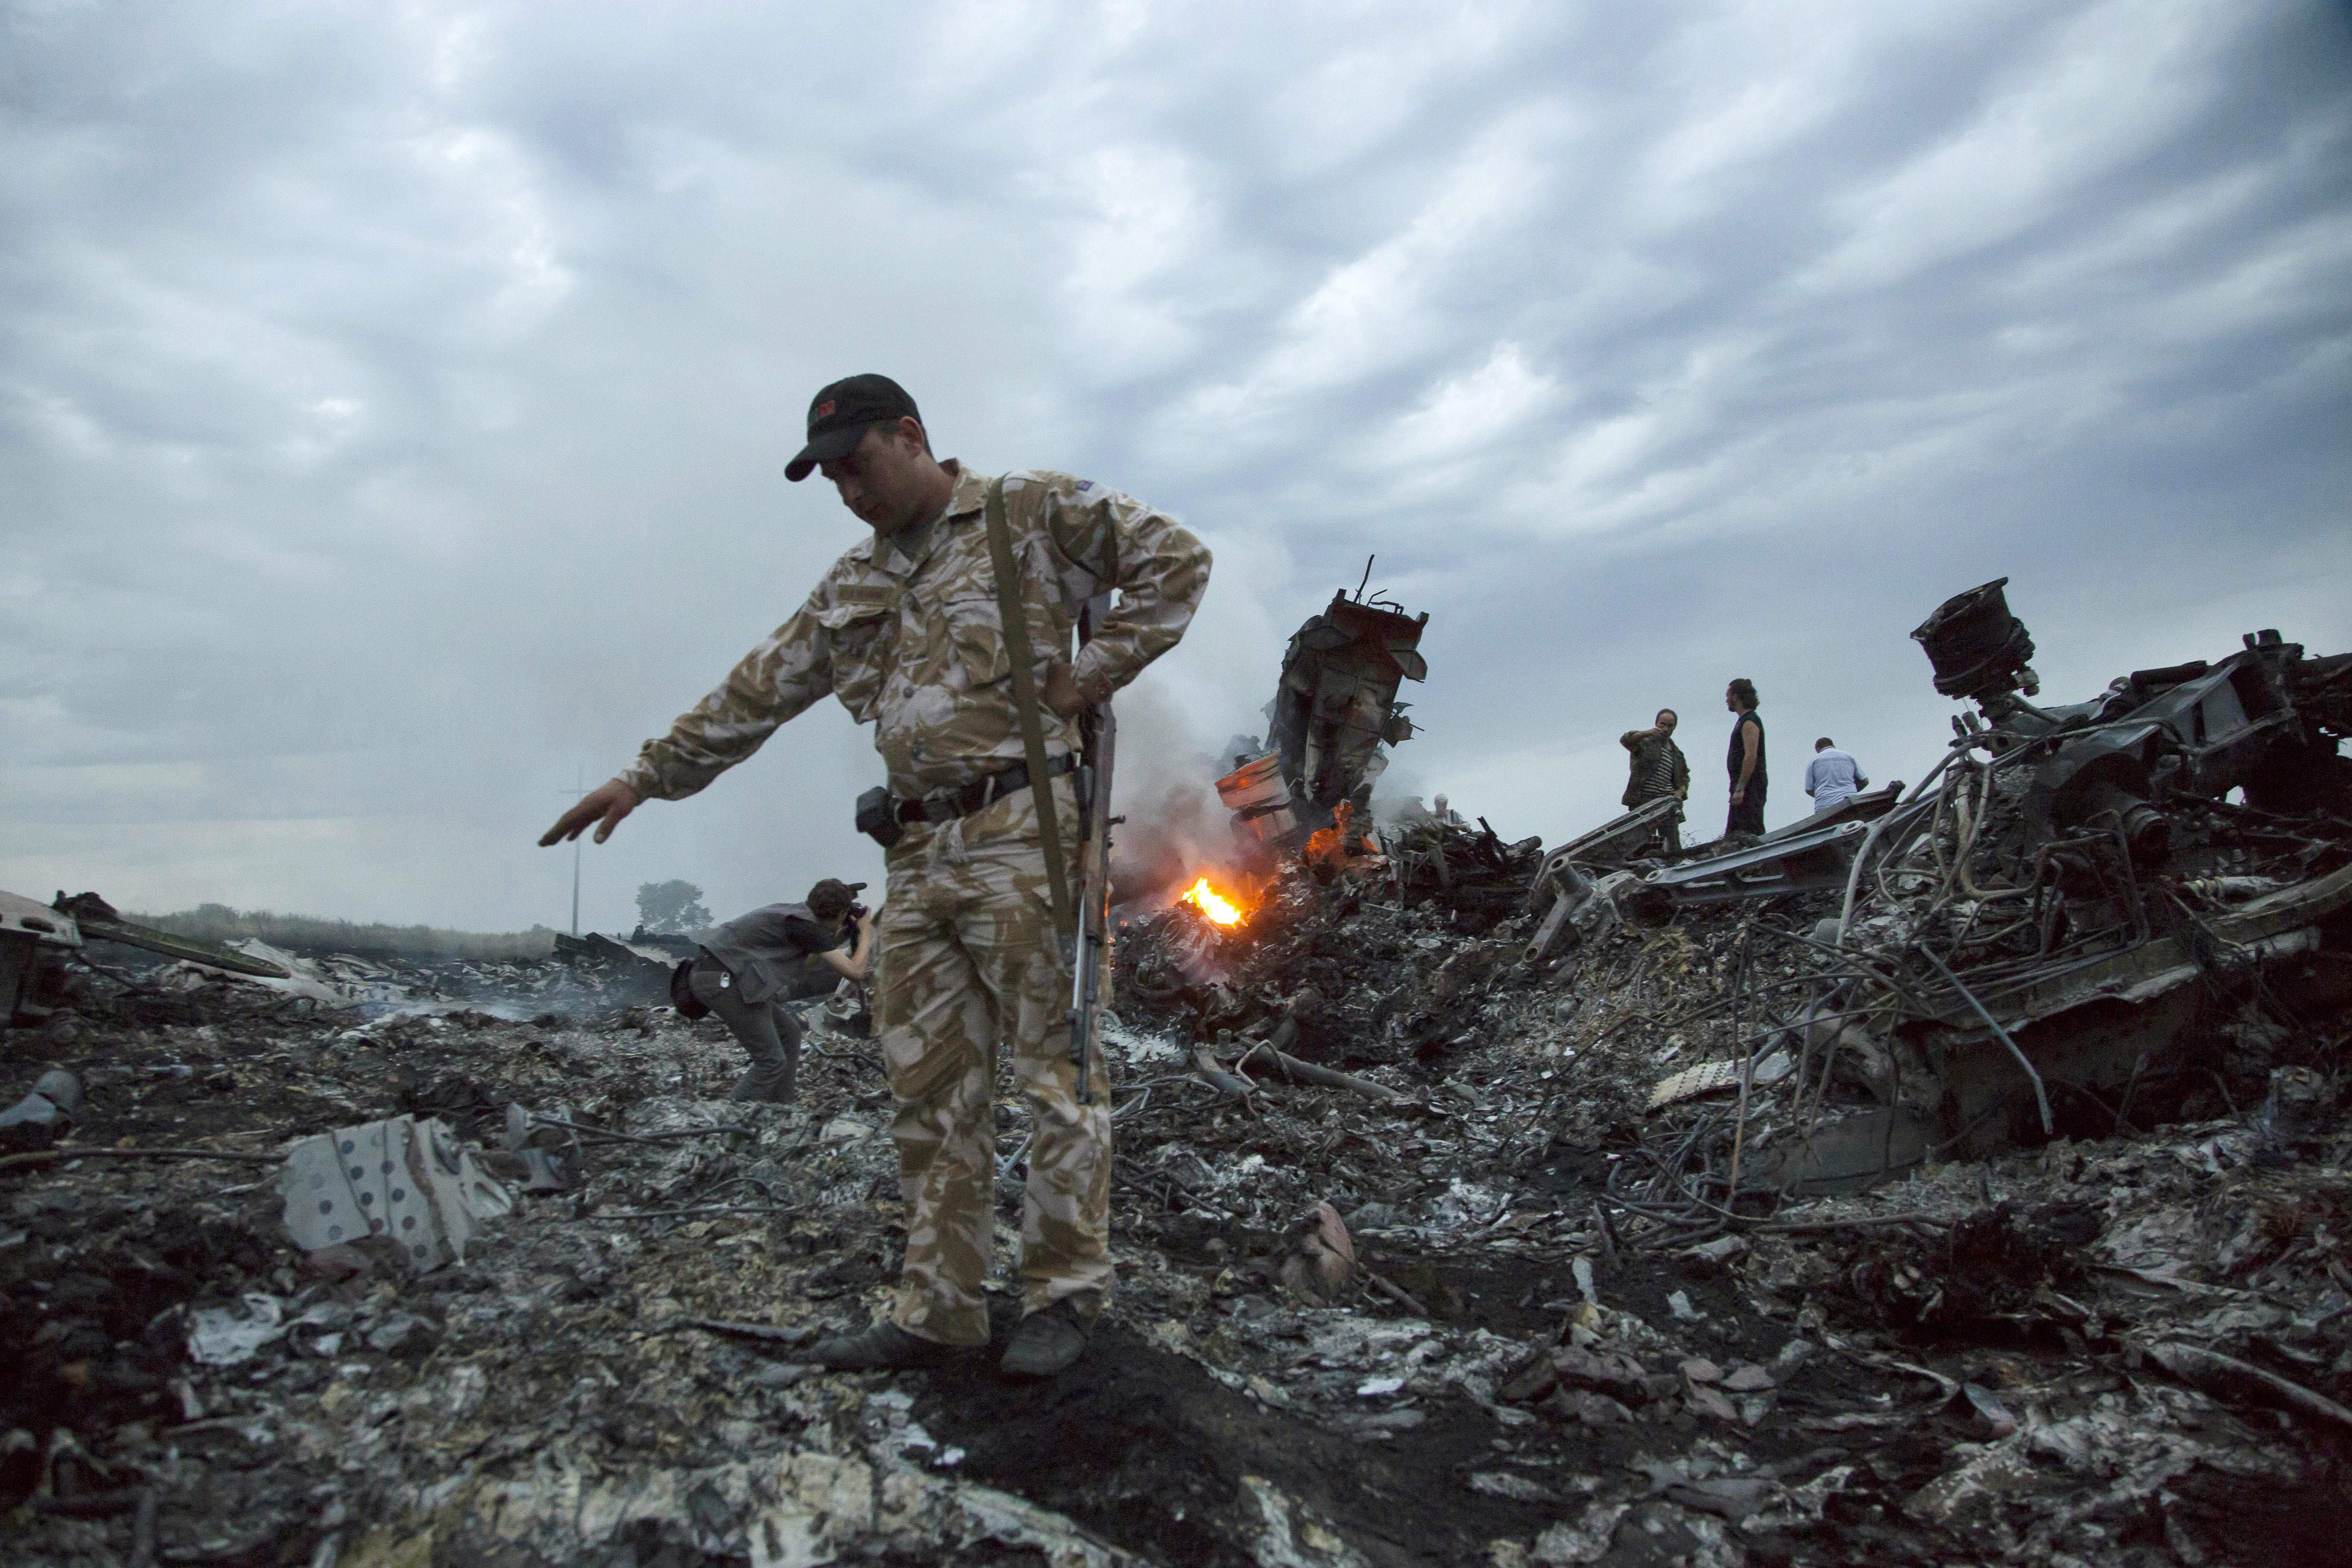 ▲▼馬航MH17班機在烏克蘭東部遭飛彈擊落,此後美政府禁止該國航空業者在該地進行民航活動。(圖/達志影像/美聯社)